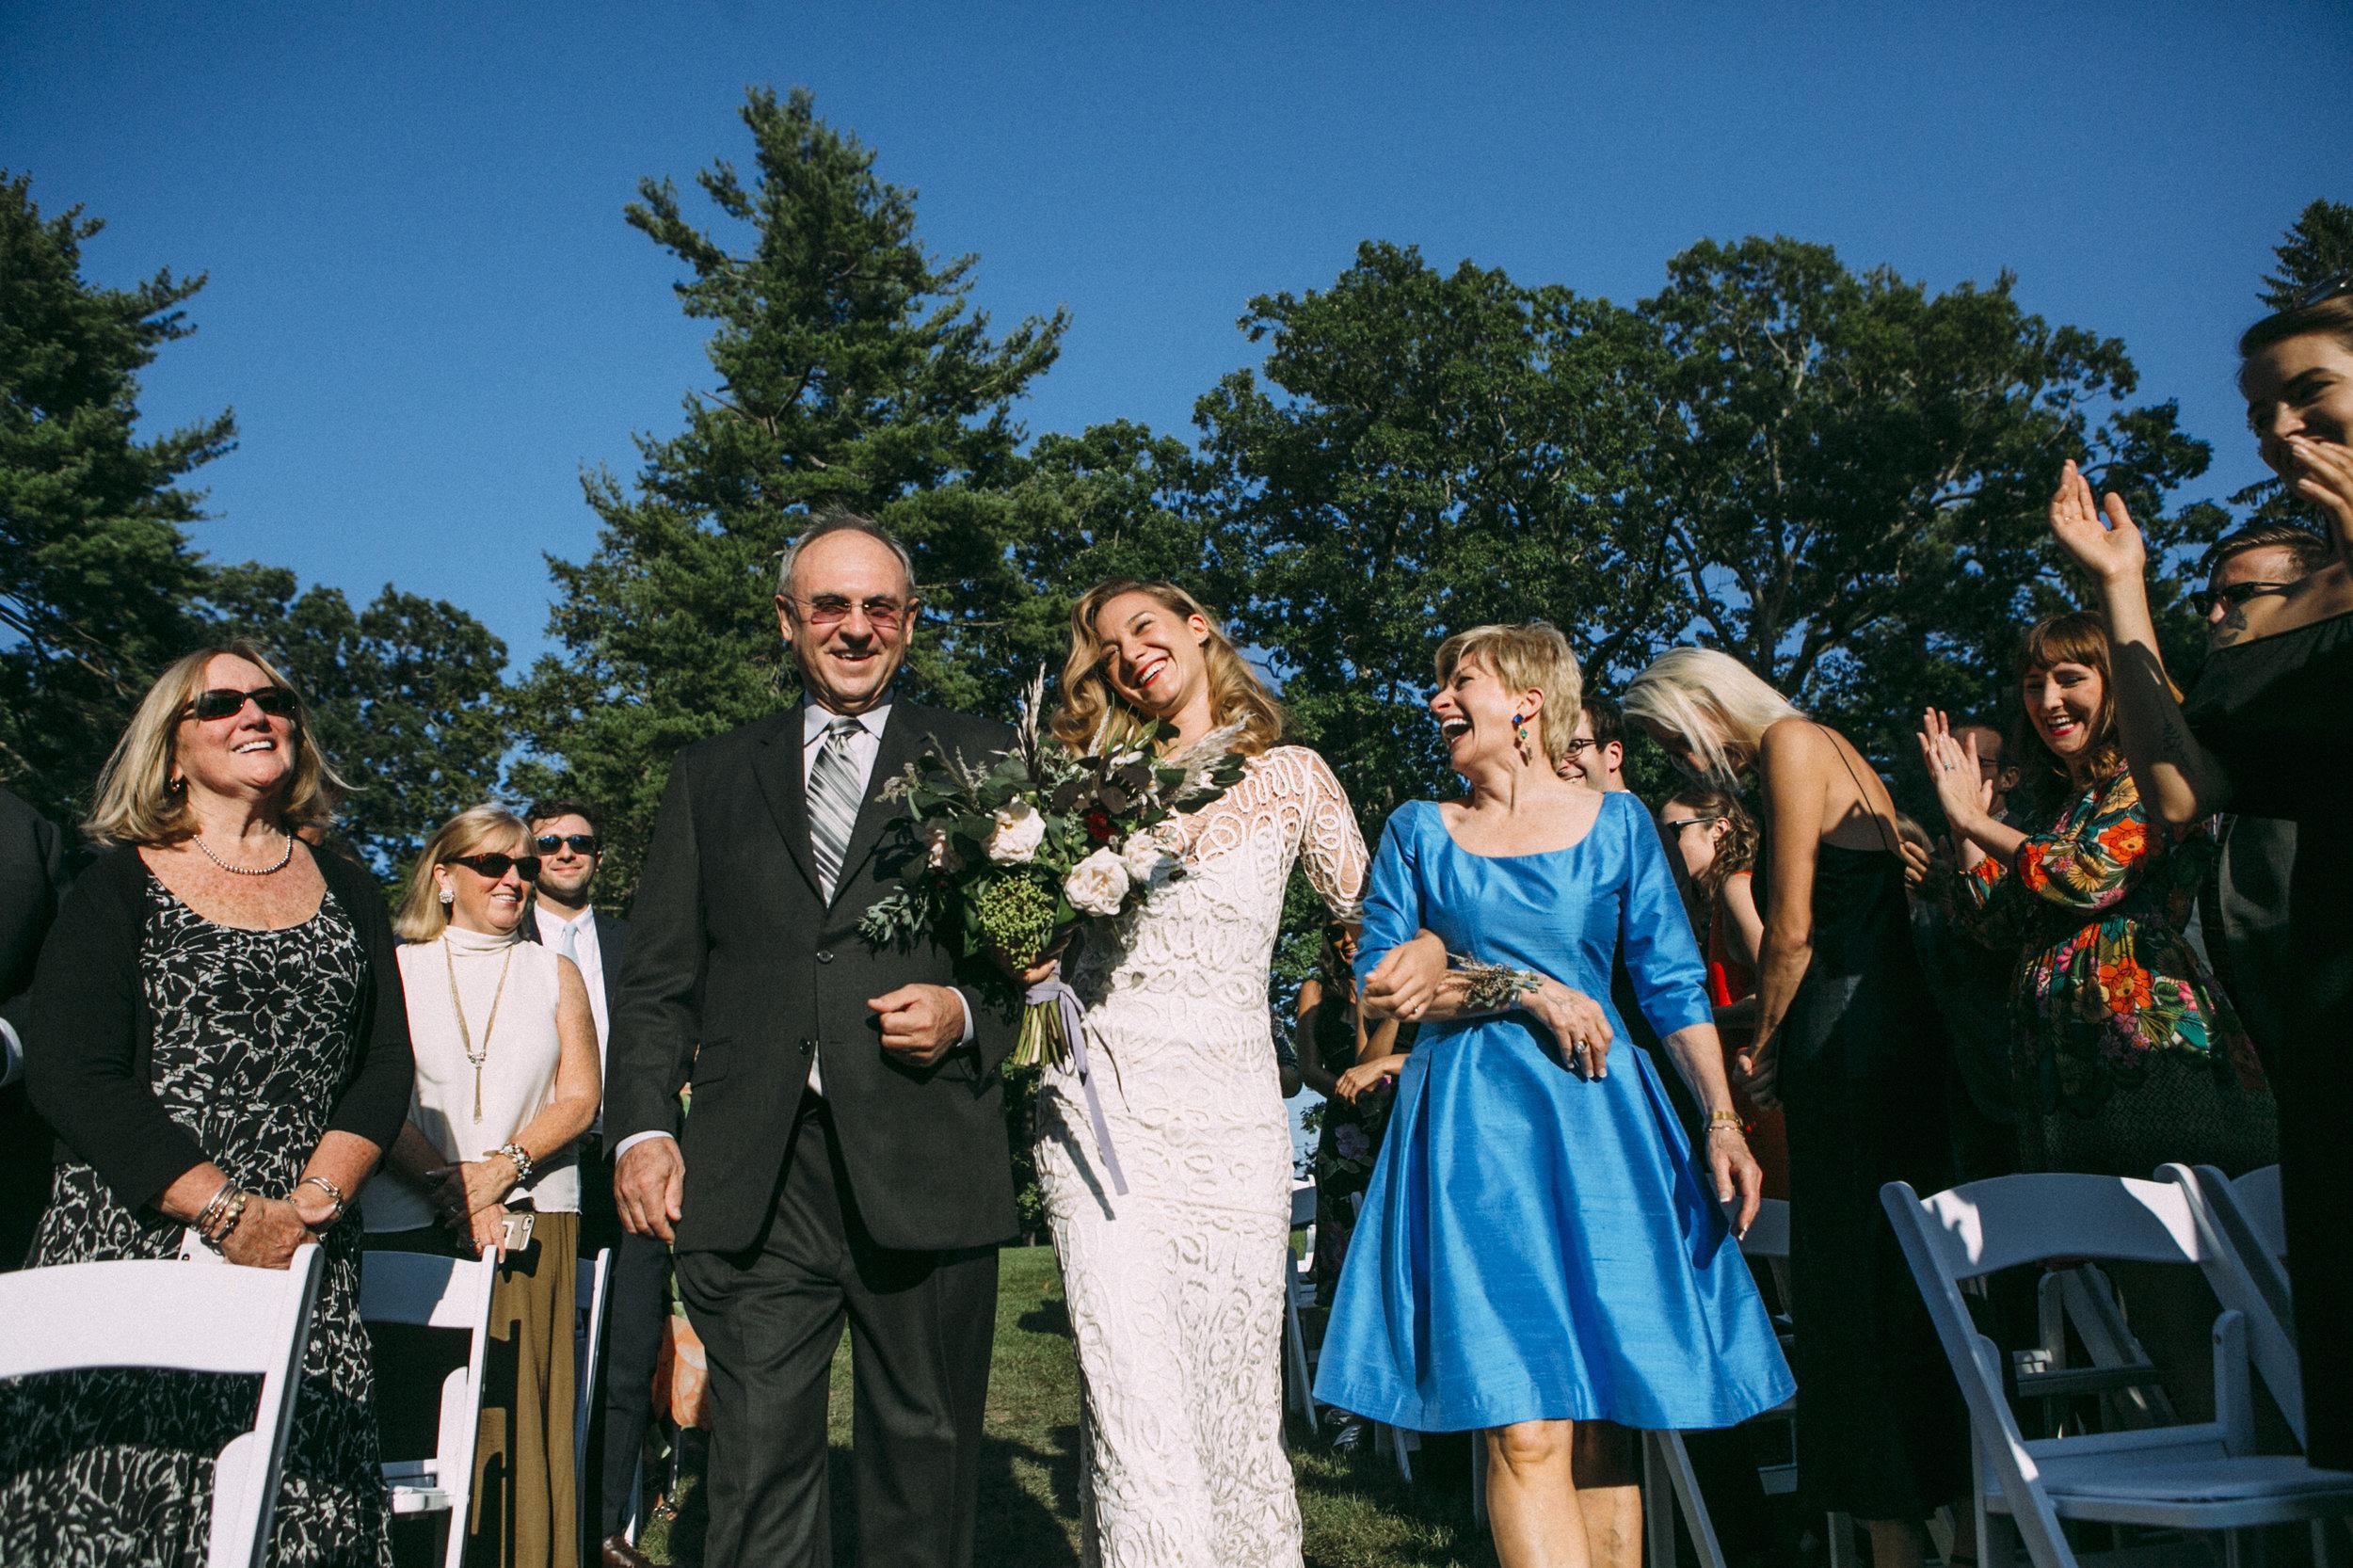 Em_and_Ax_00_wedding-541.jpg